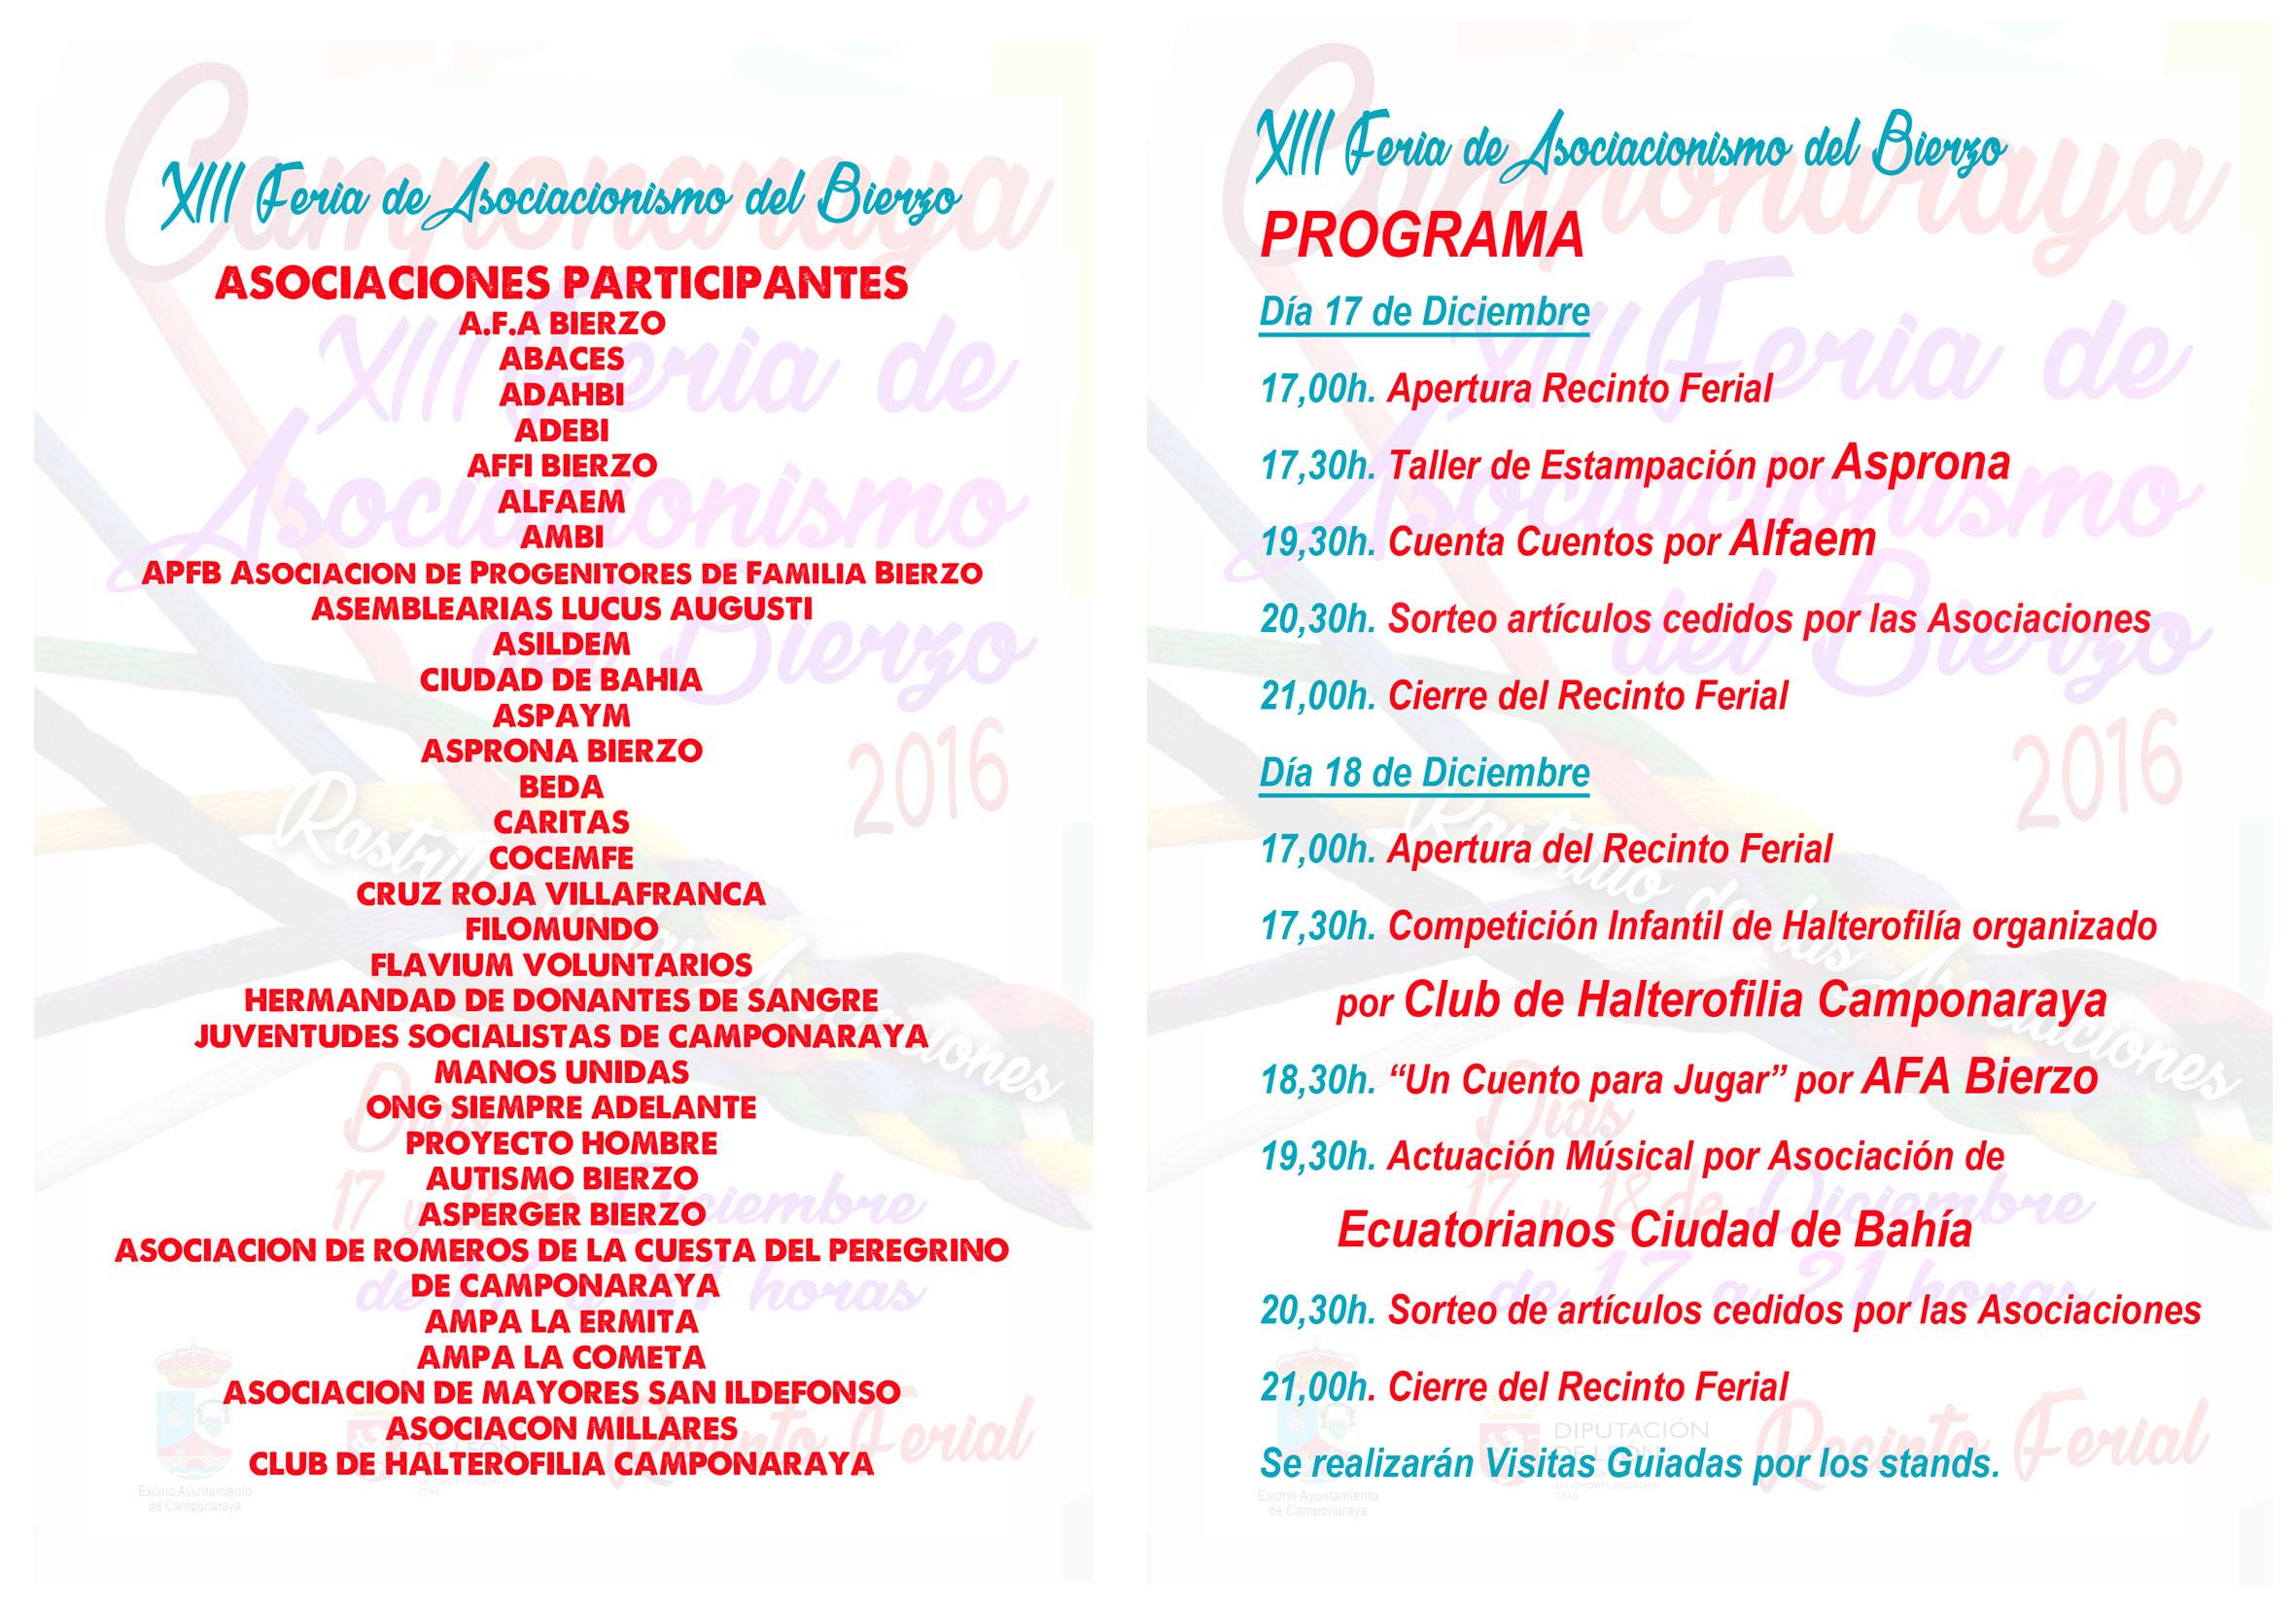 XIII Feria del Asociacionismo, este fin de semana en Camponaraya 2